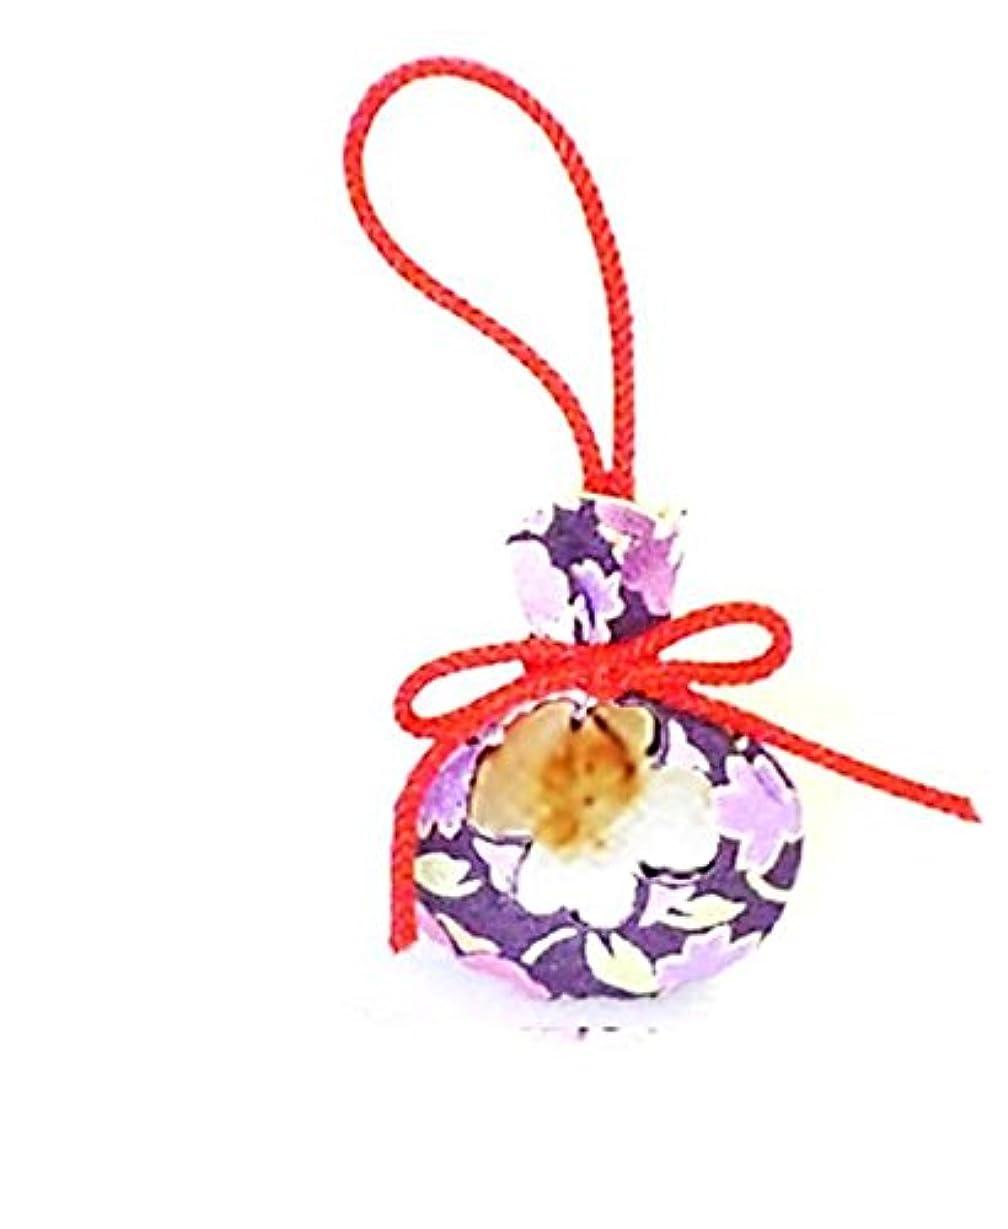 神秘バトル樫の木宇治京扇堂 雅(みやび)な香り 京友禅 巾着匂い袋 (No.6)